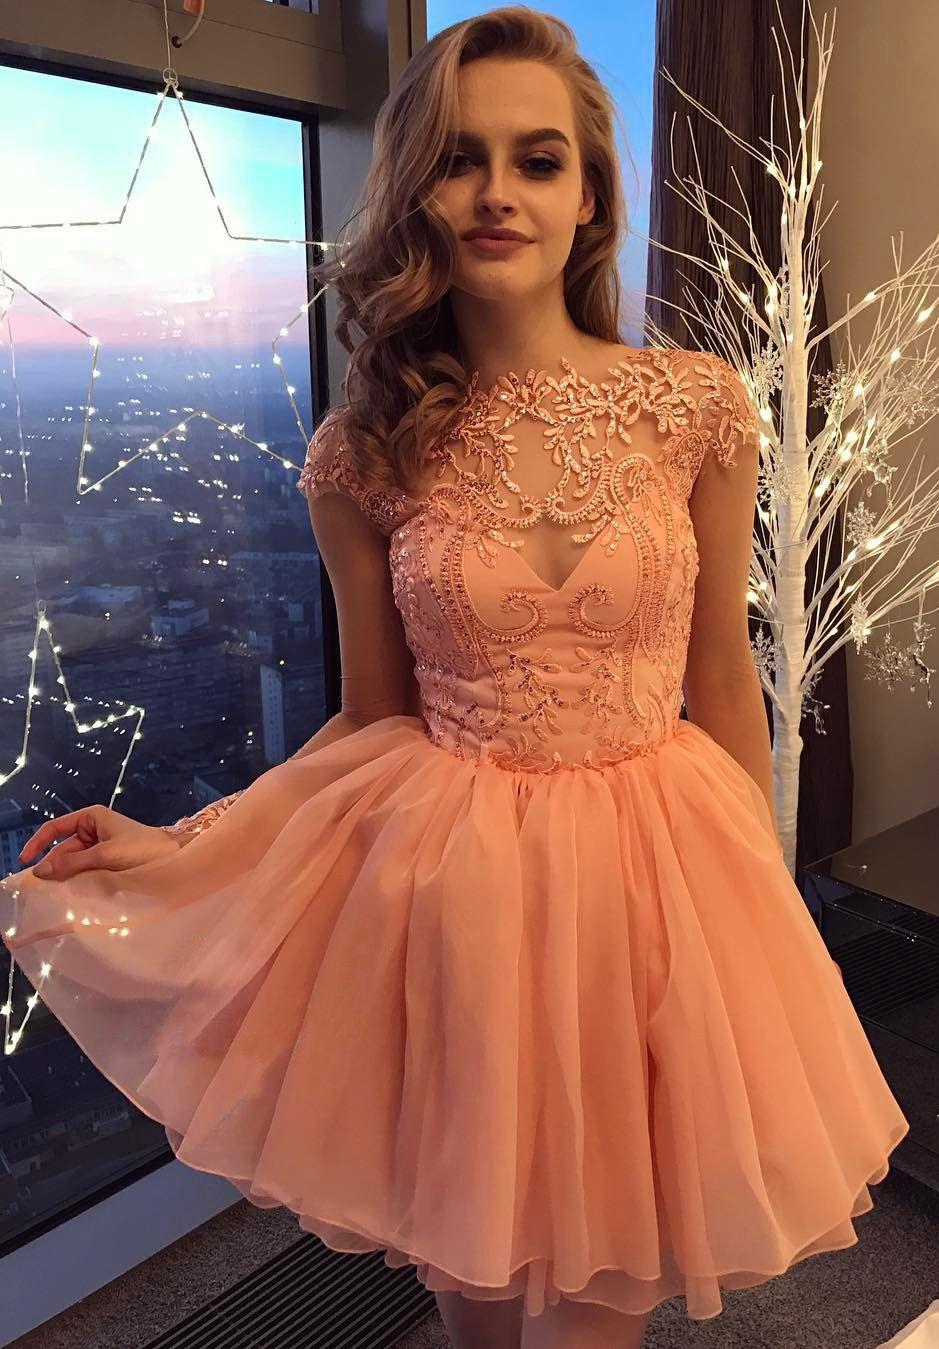 cc88318e08 homecoming dresses short